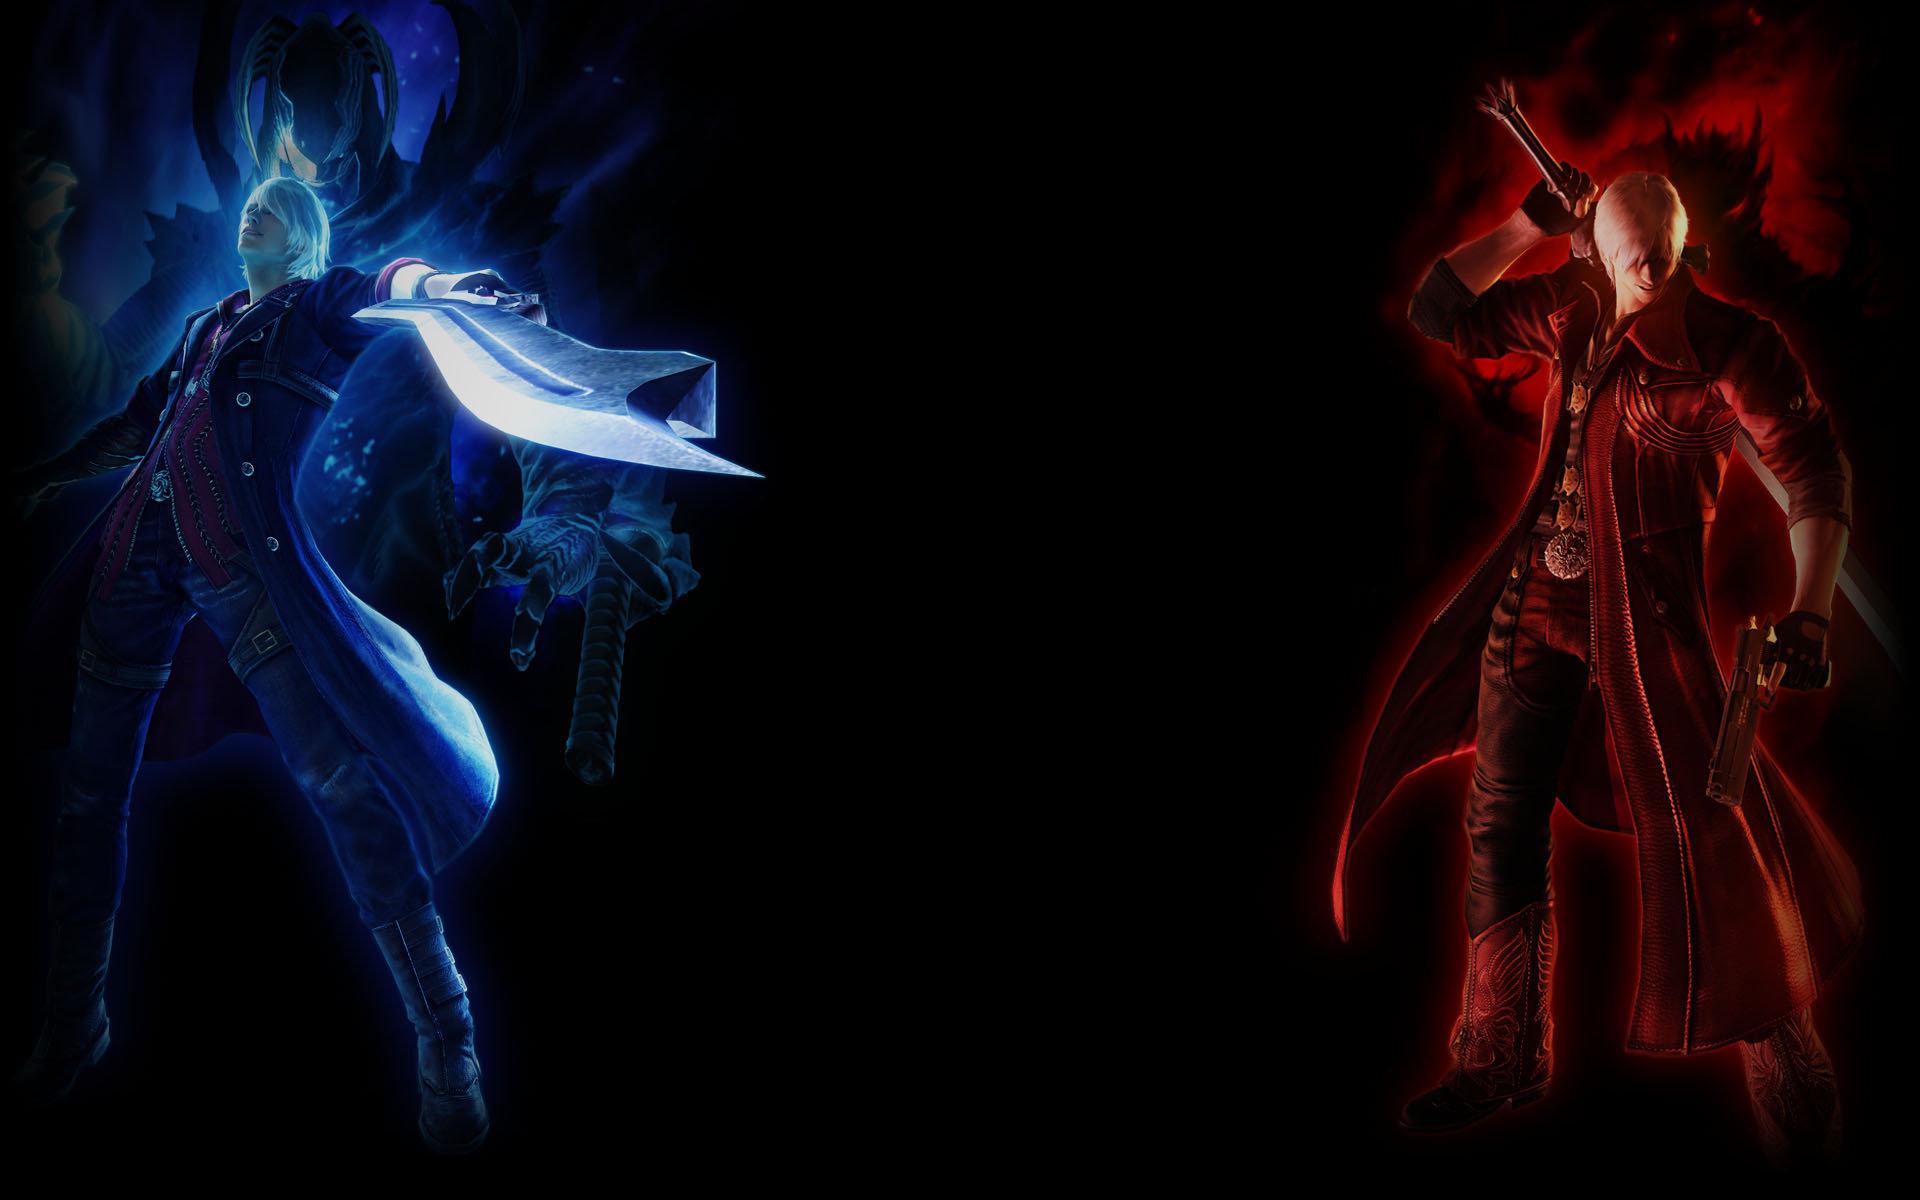 Devil May Cry 4 Wallpaper: Devil May Cry 4 Wallpapers HD For Desktop Backgrounds